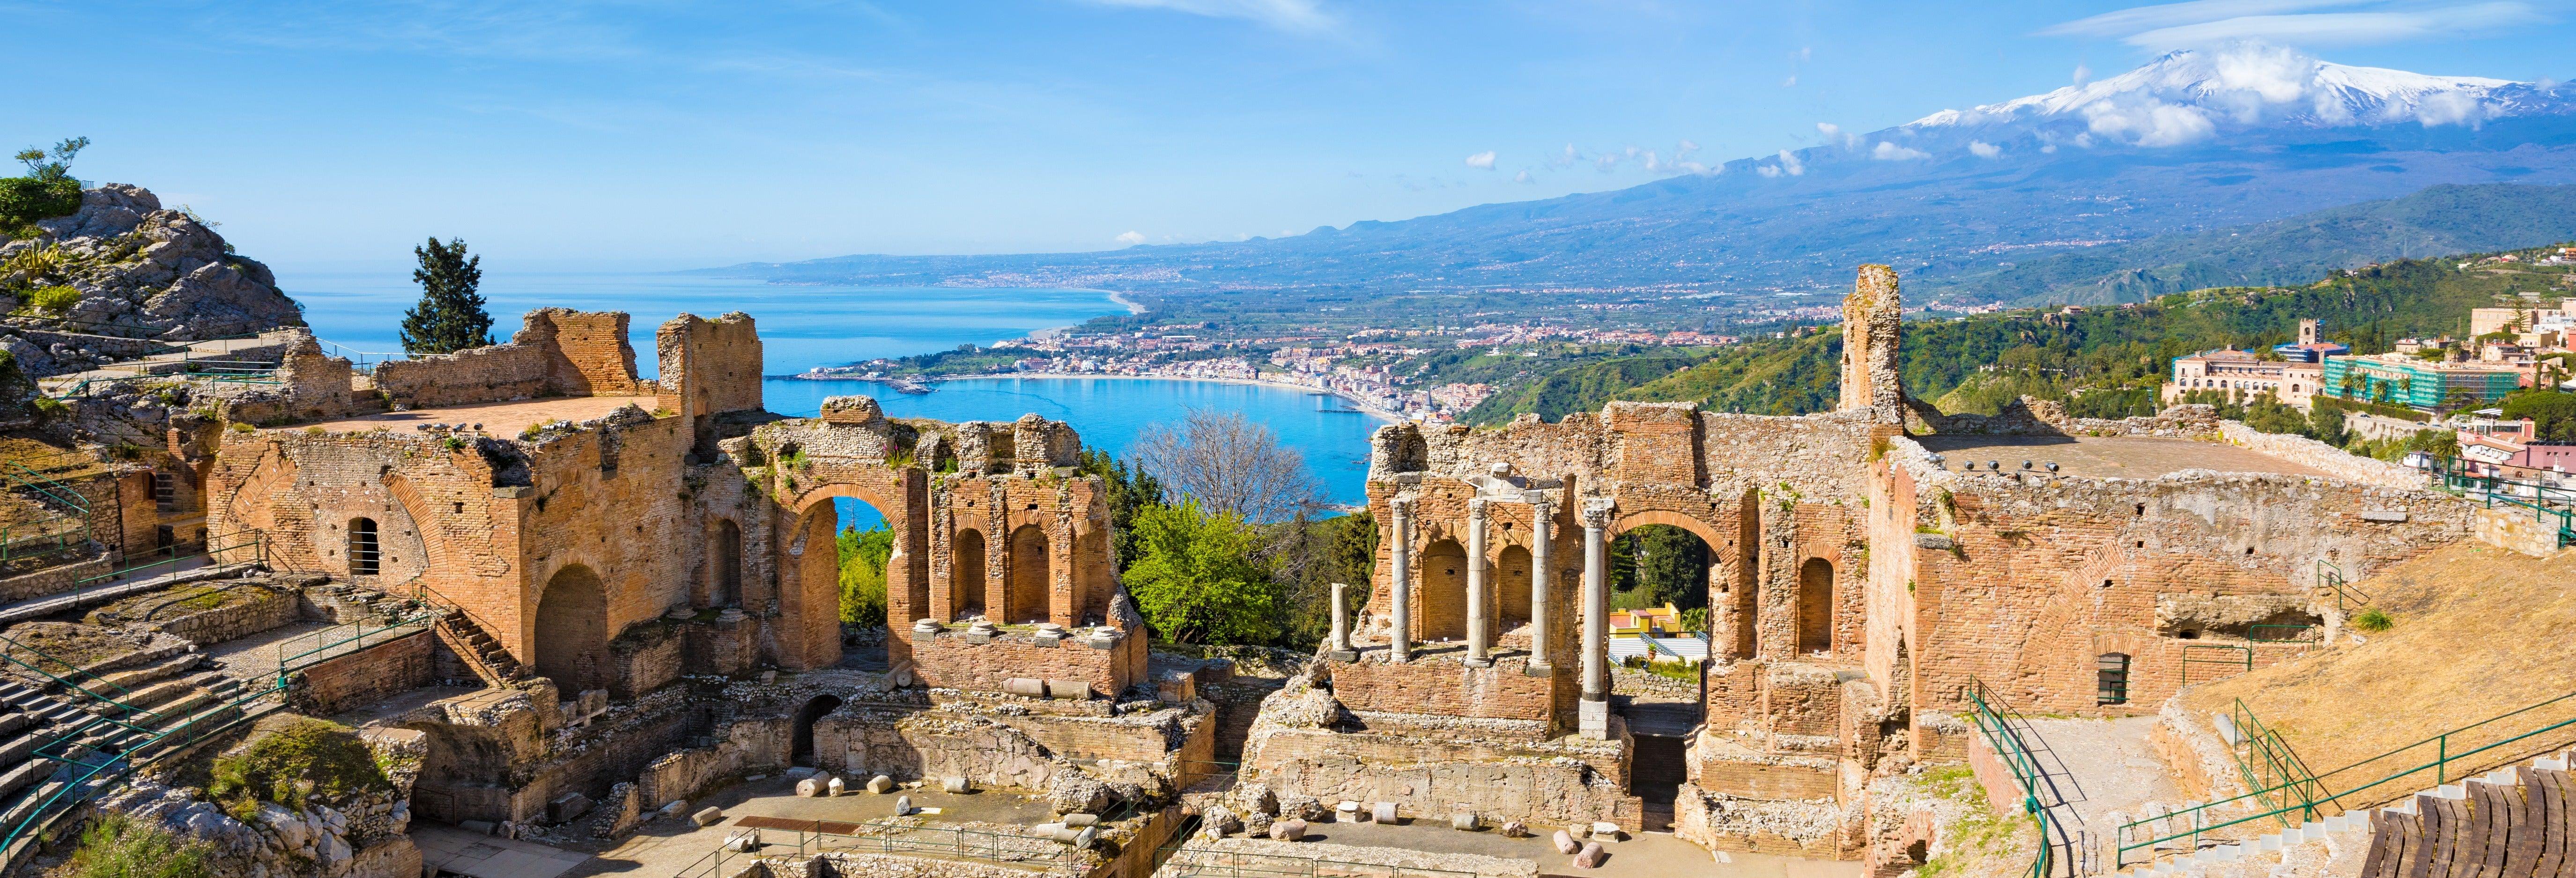 Excursión a Taormina para cruceros